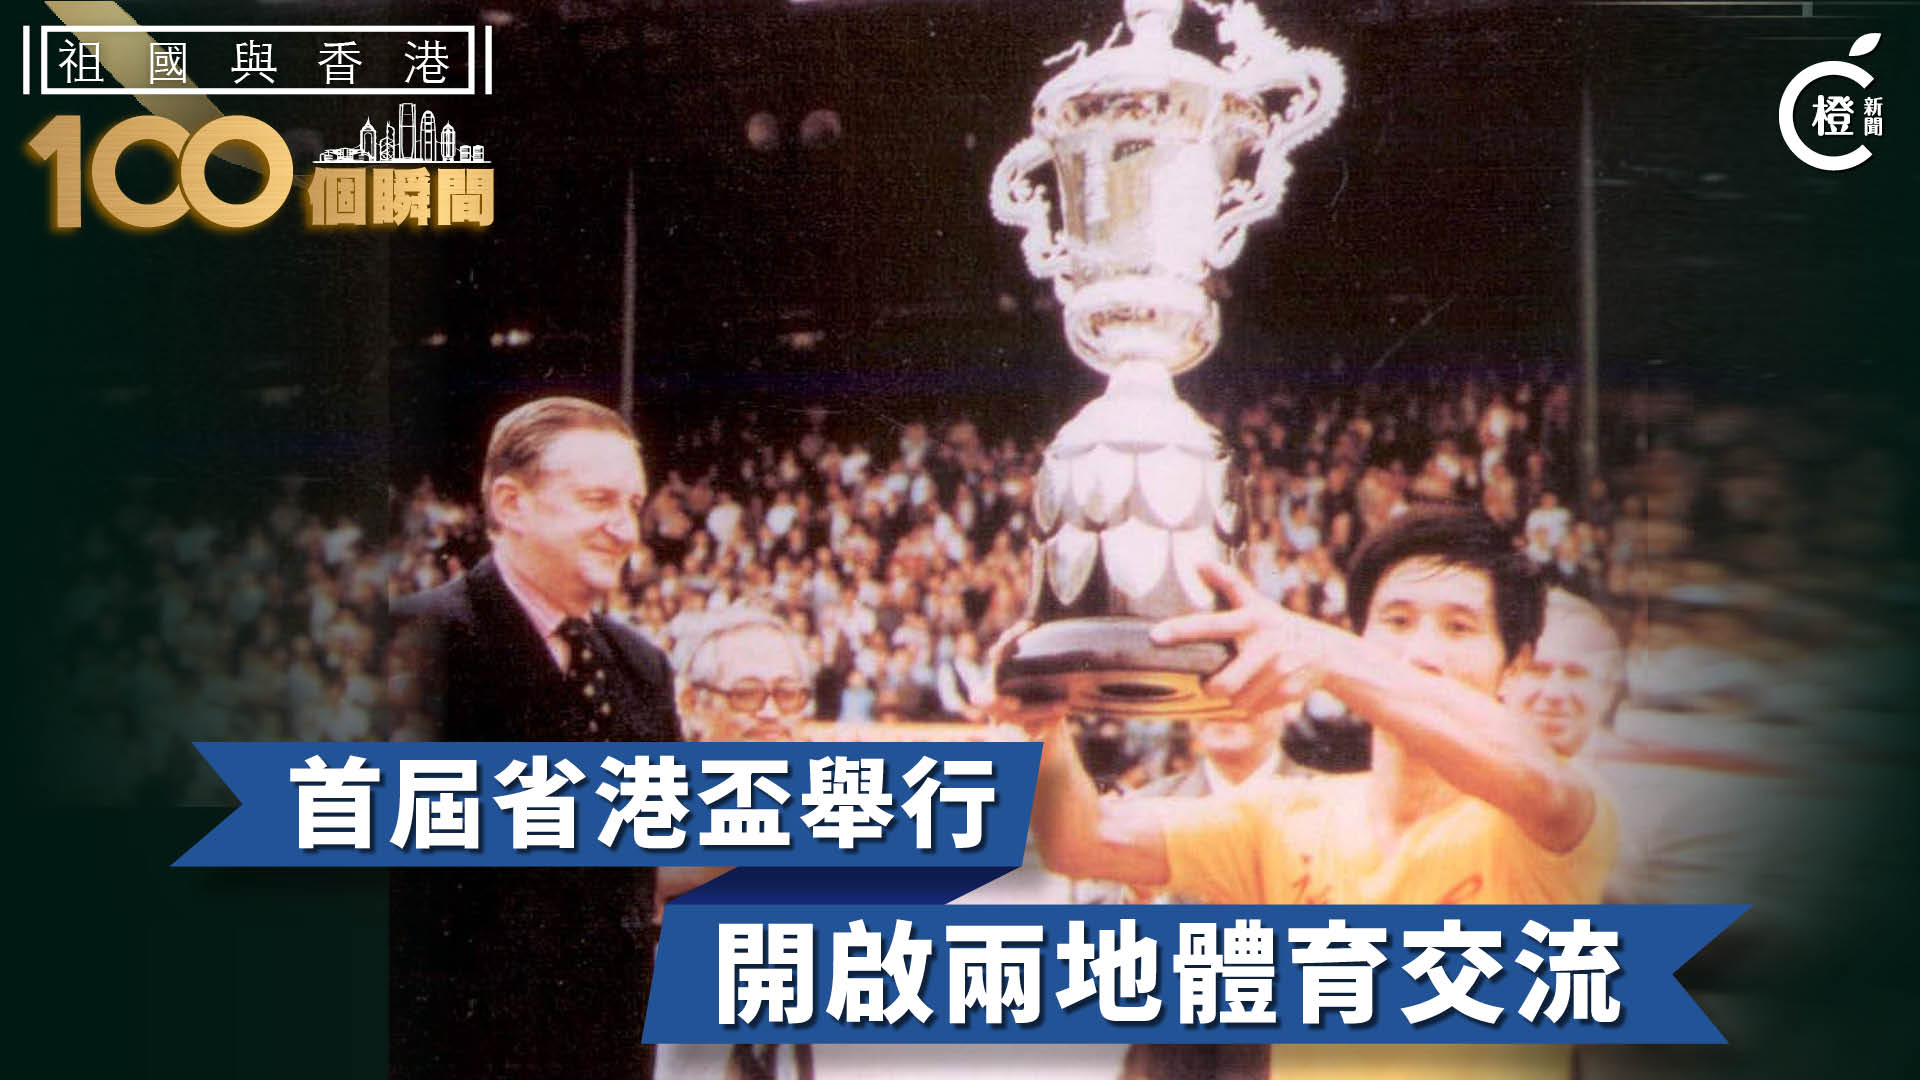 【祖國與香港100個瞬間】首屆省港盃舉行 開啟兩地體育交流